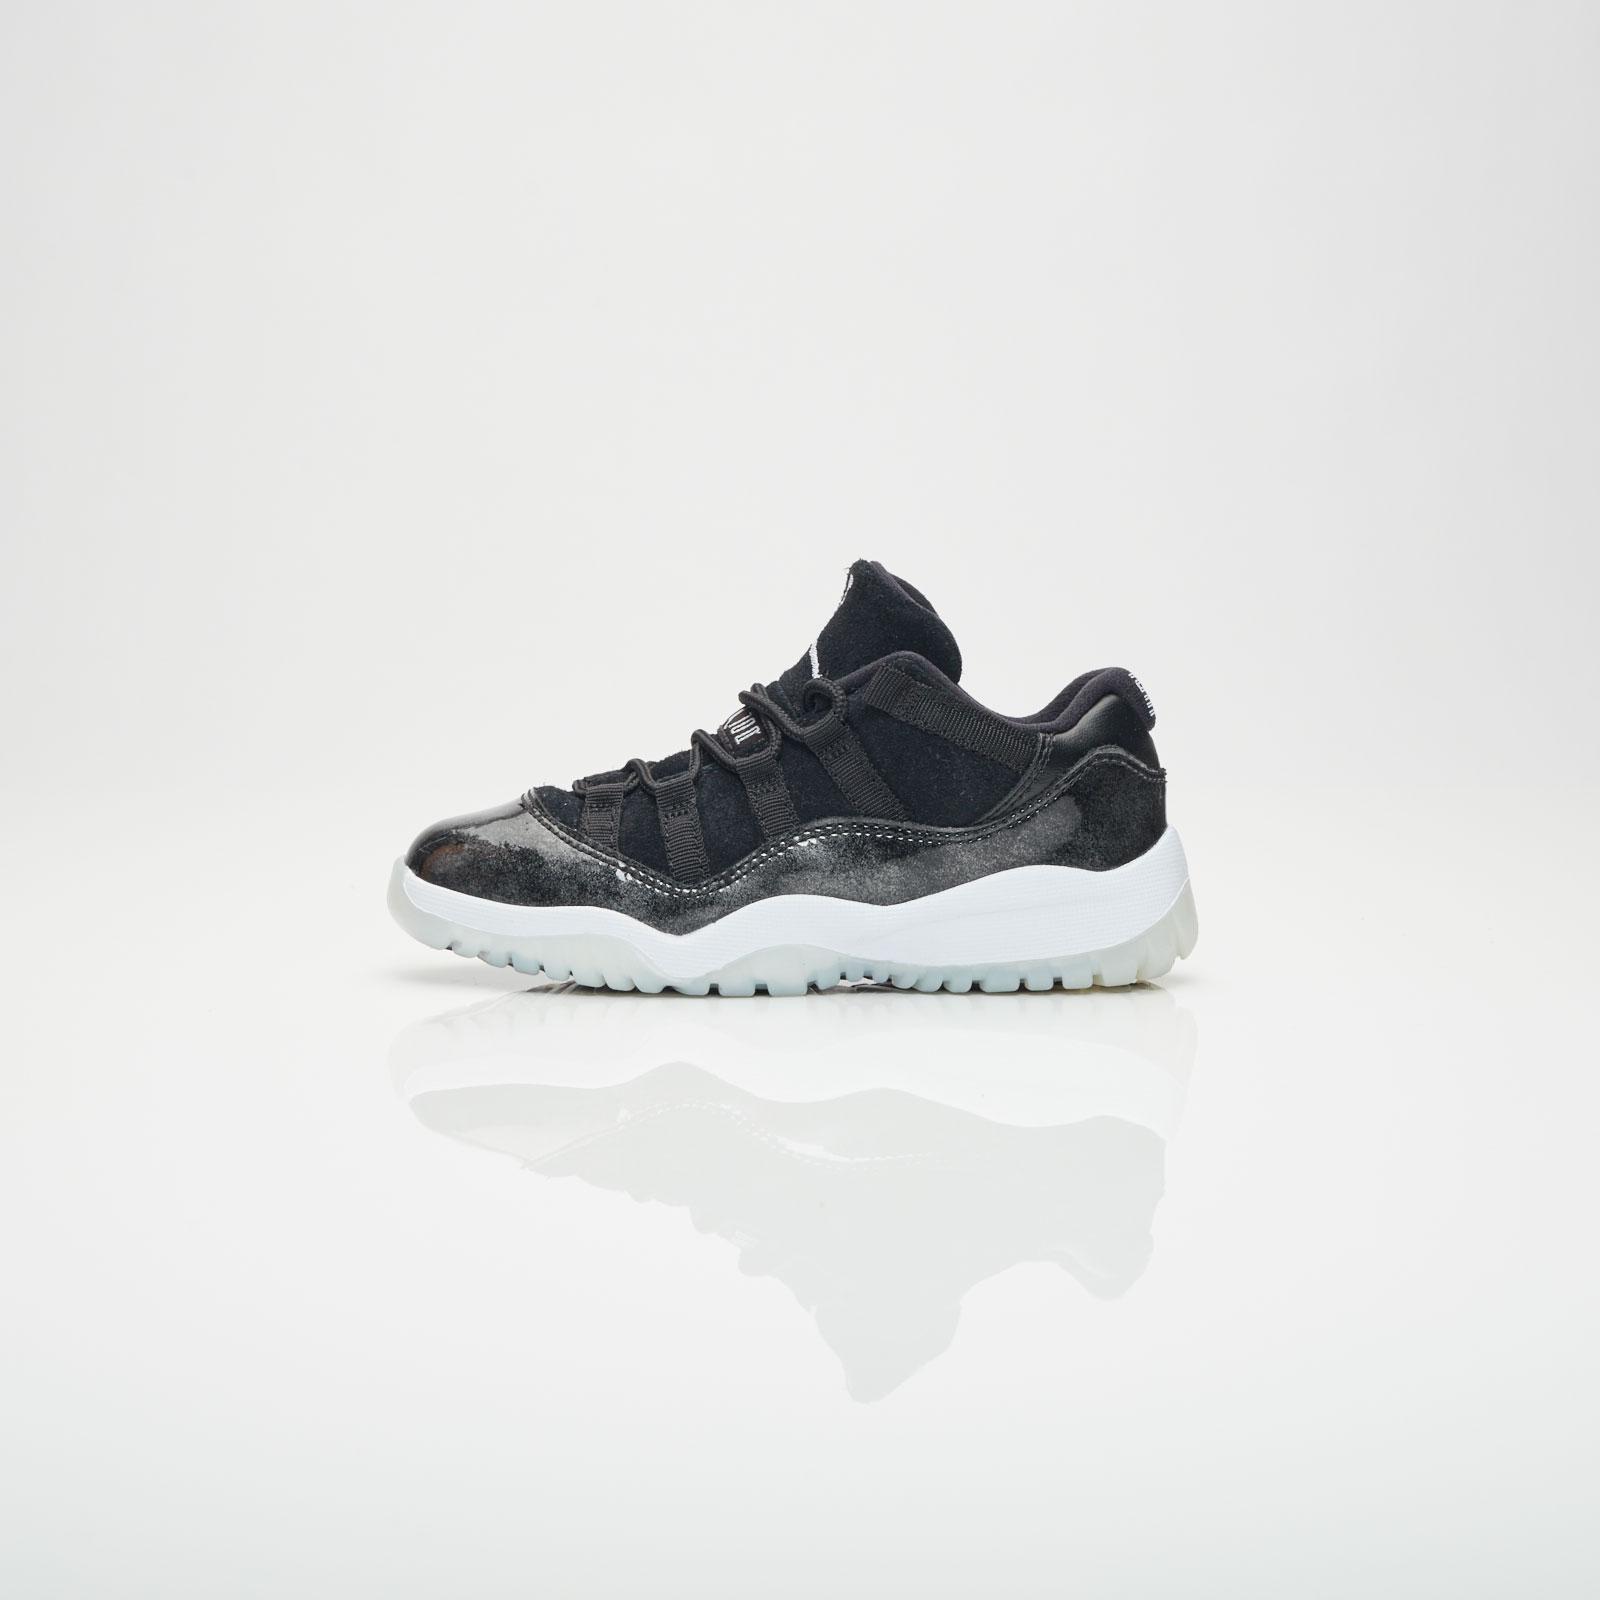 fc2beb78870d Jordan Brand Air Jordan 11 Retro Low (PS) - 505835-010 - Sneakersnstuff